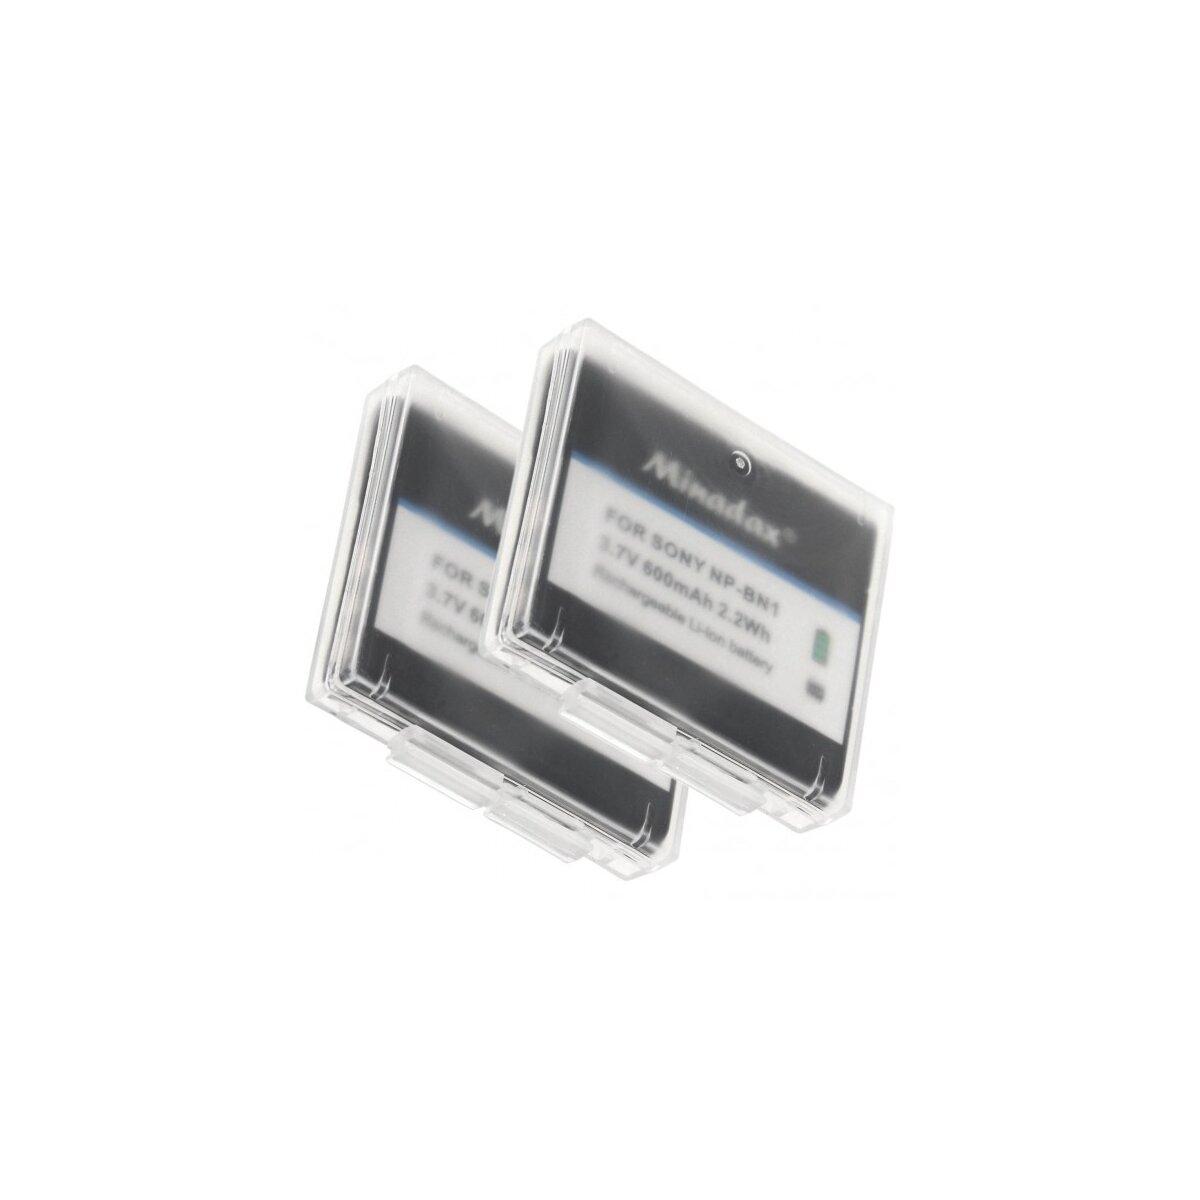 2x Minadax® Qualitaetsakku mit echten 600 mAh fuer Sony DSC QX10 QX100 -- W830 W810 W730 W710 W610 W620 W630 W650 W670 W690 W510 W530 W550 W560 W570 W580 W320 W350 W180 W190 etc, wie NP-BN1 - Intelligentes Akkusystem mit Chip